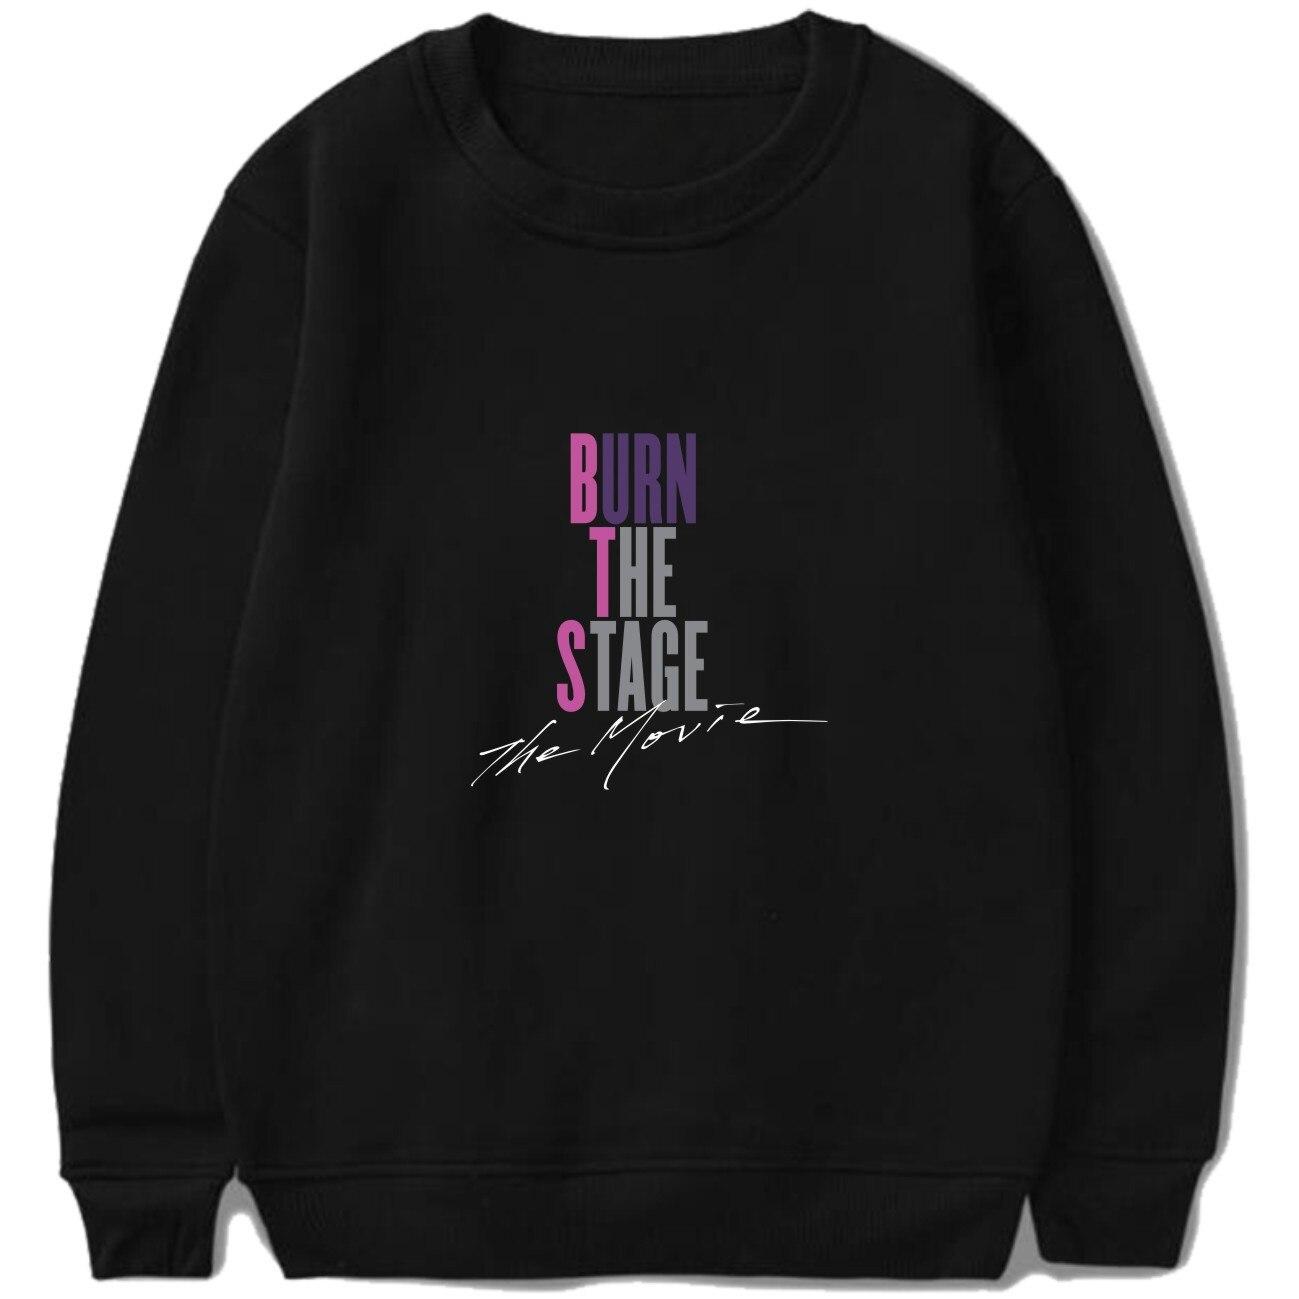 Drop Schiff 2018 Herbst Winter BTS Kpop Hoodies Sweatshirts Buchstaben Gedruckt Kleidung BRENNEN DIE BÜHNE DIE FILM Pullover Tops Moletom